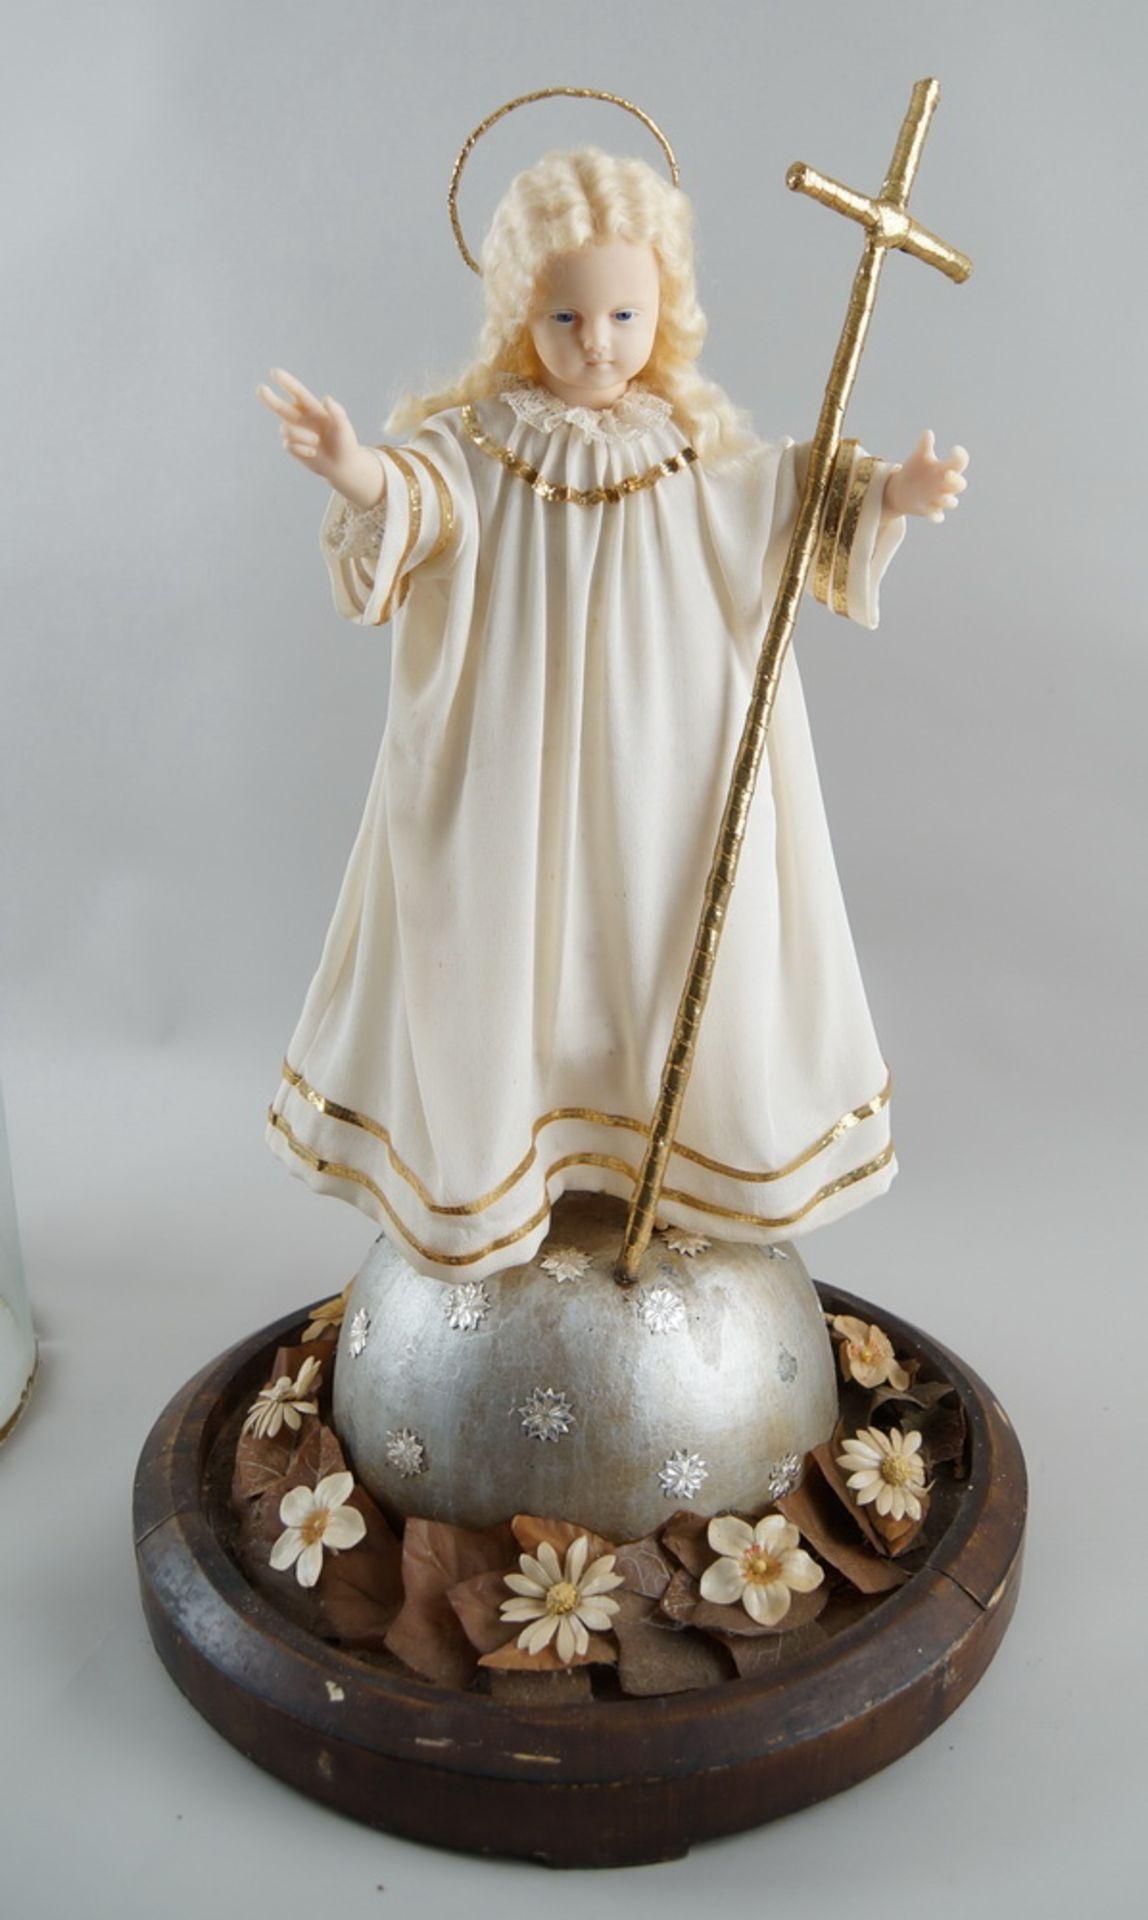 Monumentaler Glasschrein / Glassturz mit Jesuskind aus Wachs und prunkvollem Gewand, H 78cm, - Bild 2 aus 8